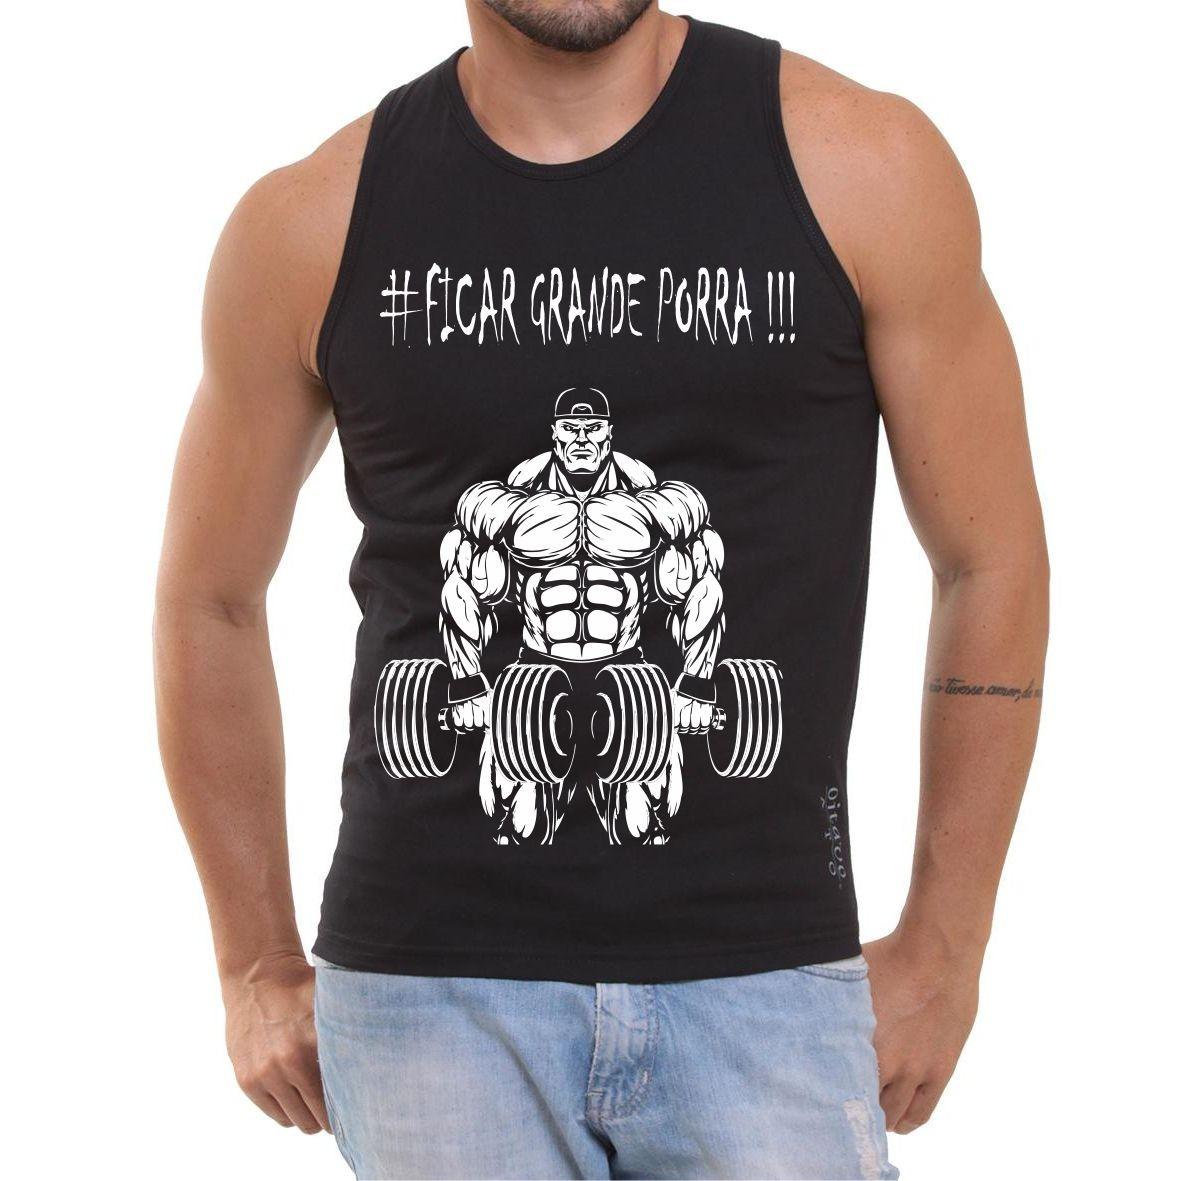 Camiseta Regata Ficar Grande Porra Musculação Fitness Top - R  30 55b5c72bac1